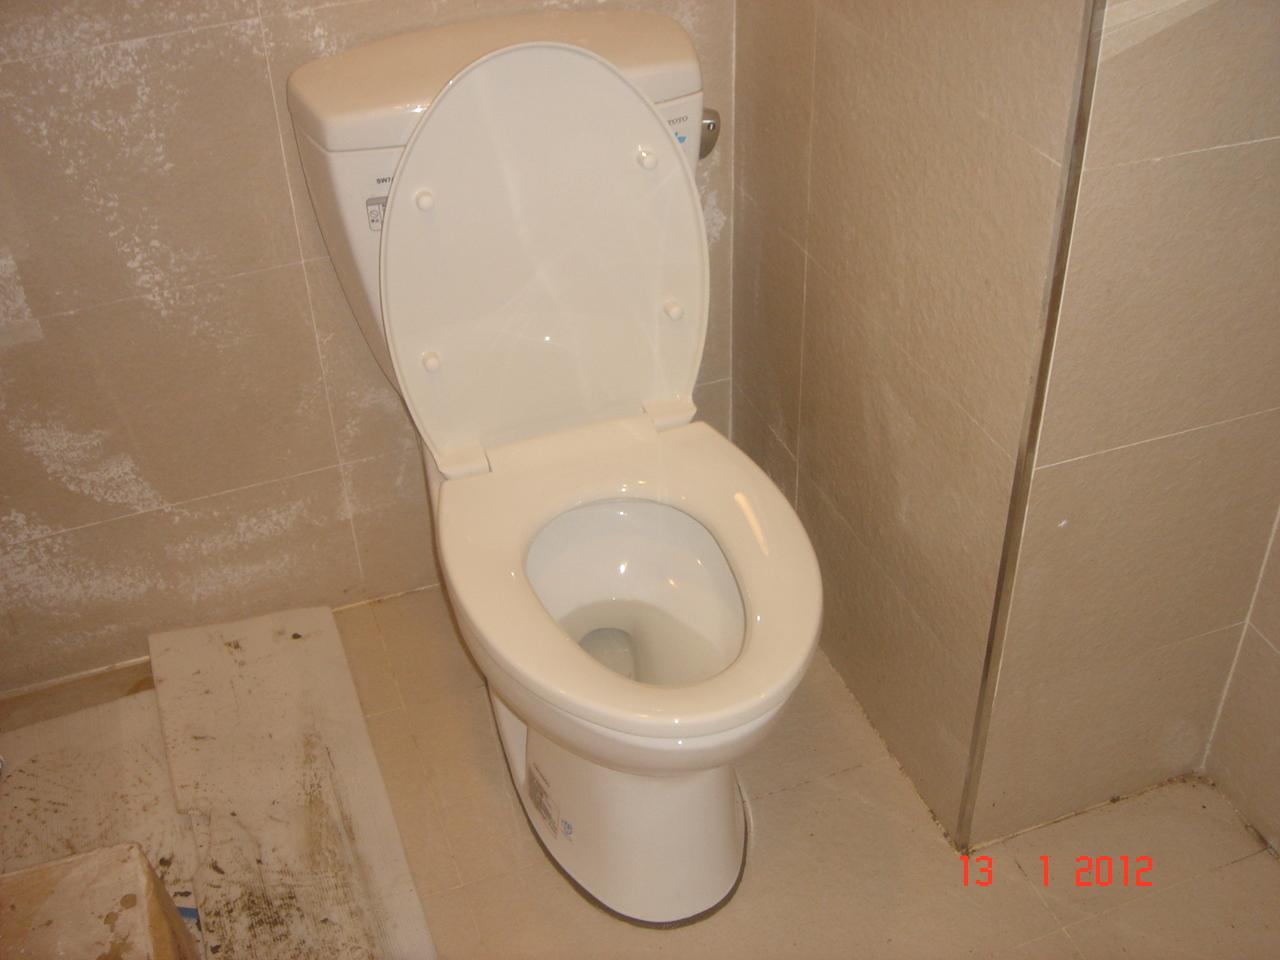 哈霖ㄉ部落格: TOTO衛浴設備安裝